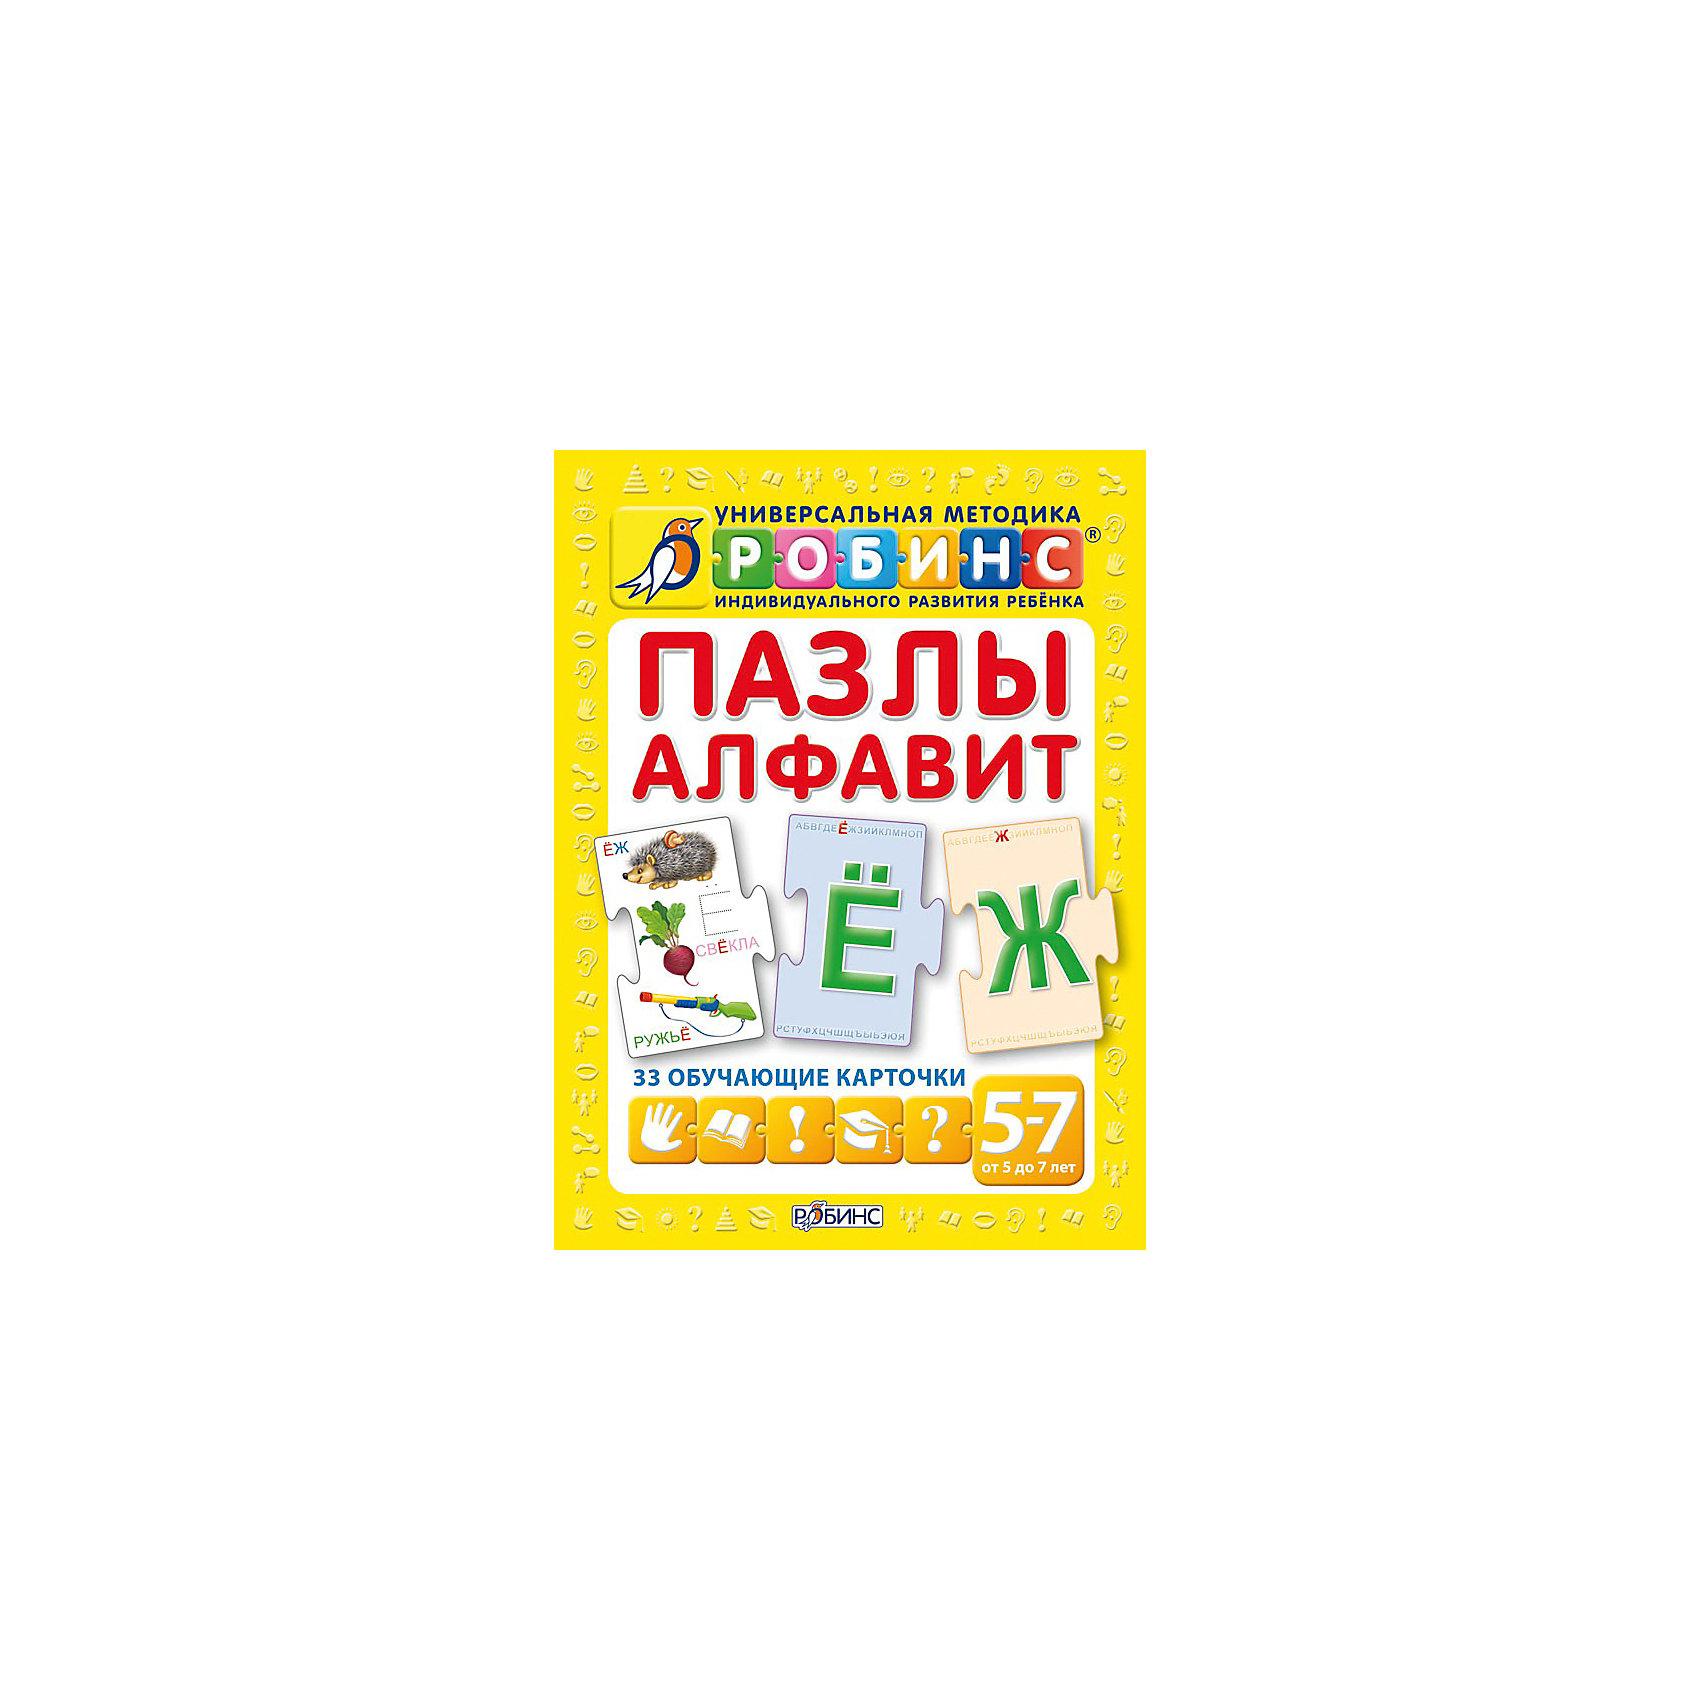 Робинс Карточки-пазлы Алфавит константинова е а карточки для изучения иероглифов 150 карточек соответствующих первому уровню hsk в коробке